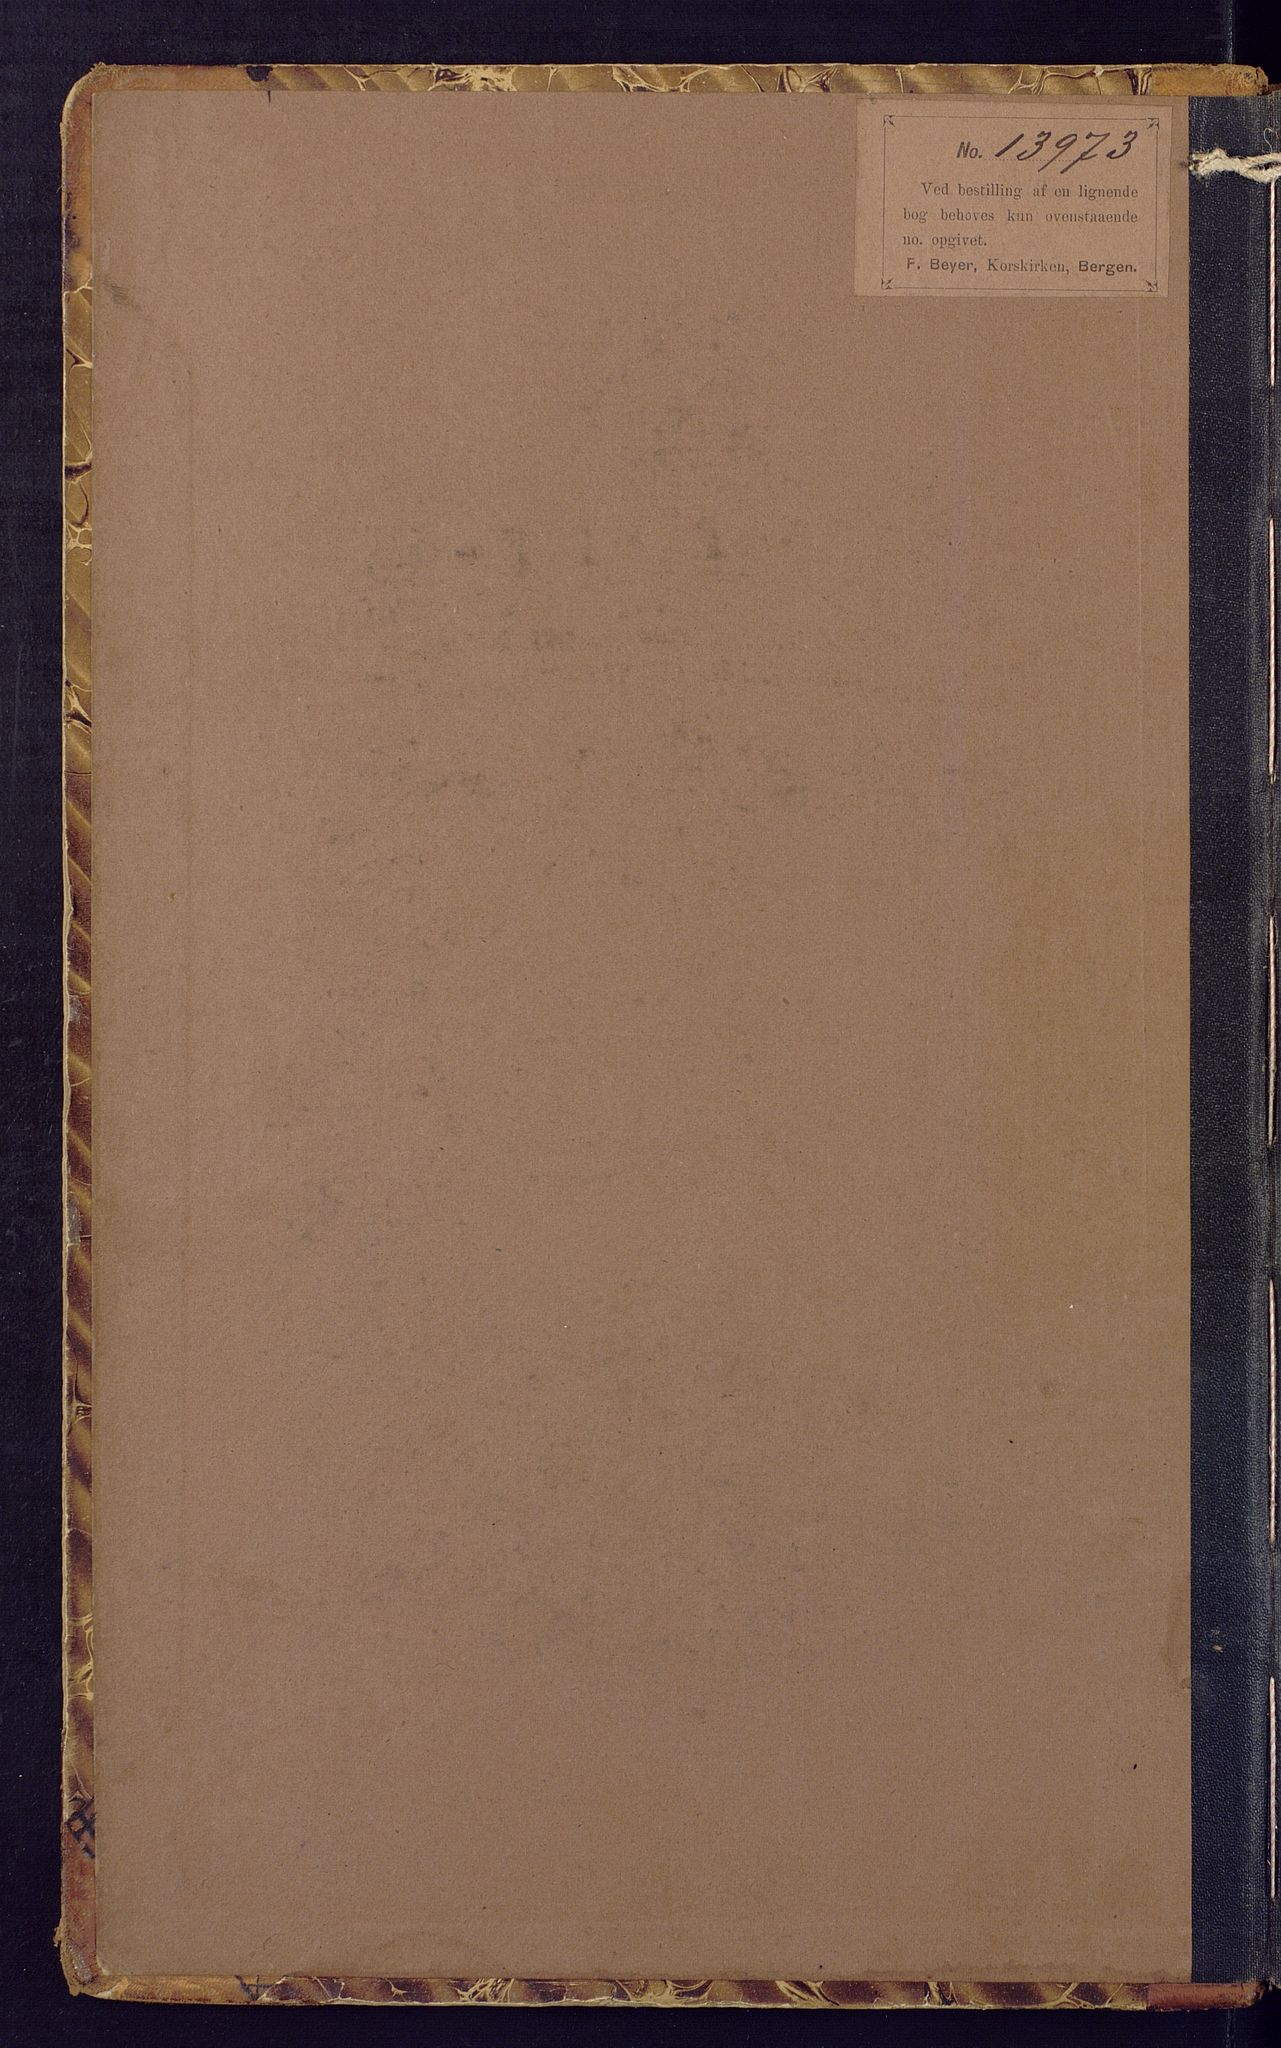 BBA, Haus/Arna kommune. Formannskapet, Aaa, 1900-1905